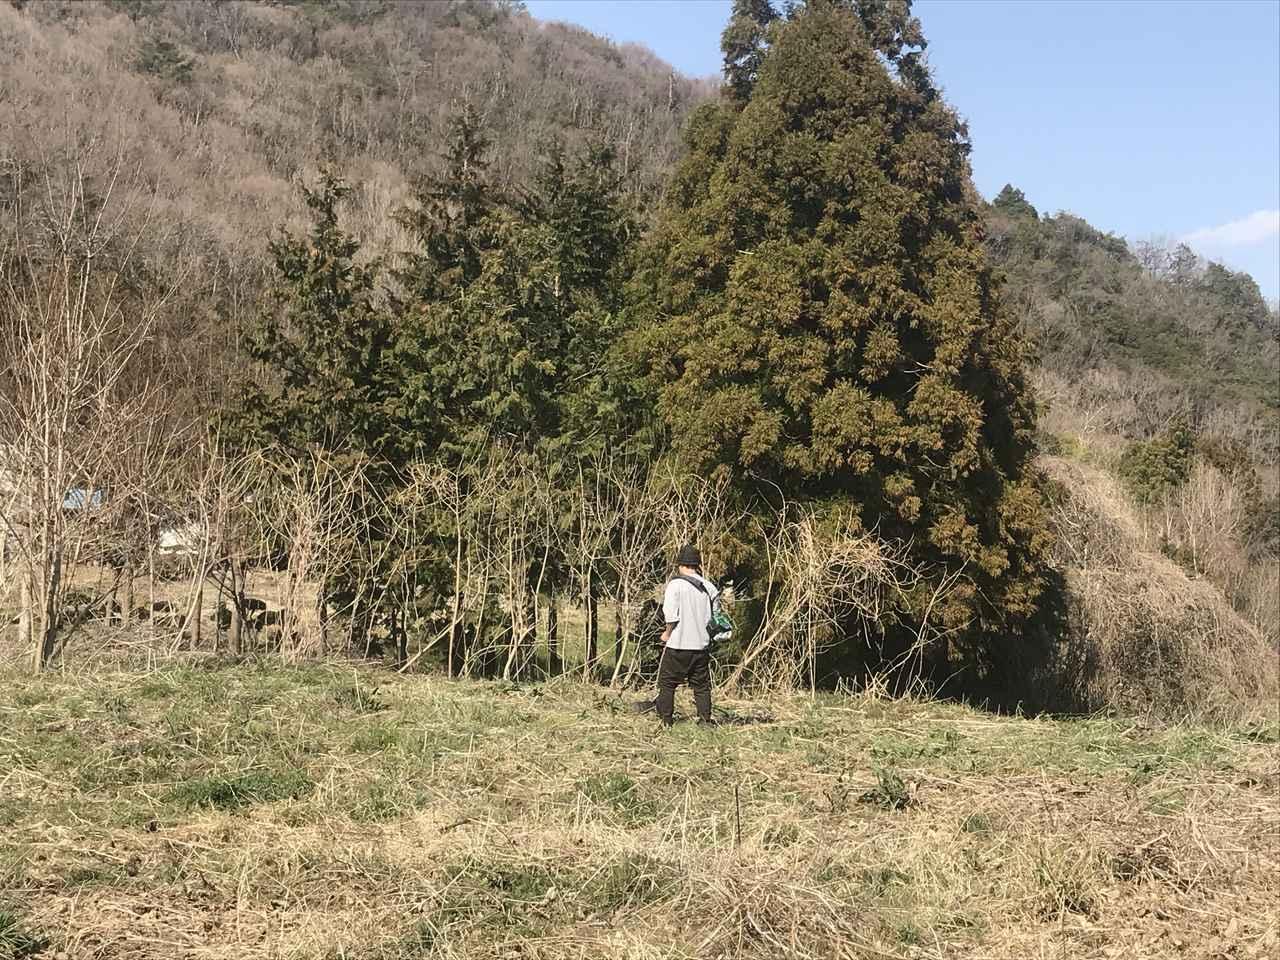 画像: 筆者撮影 仕事の合間に来て草刈りをしてくれる移住友達